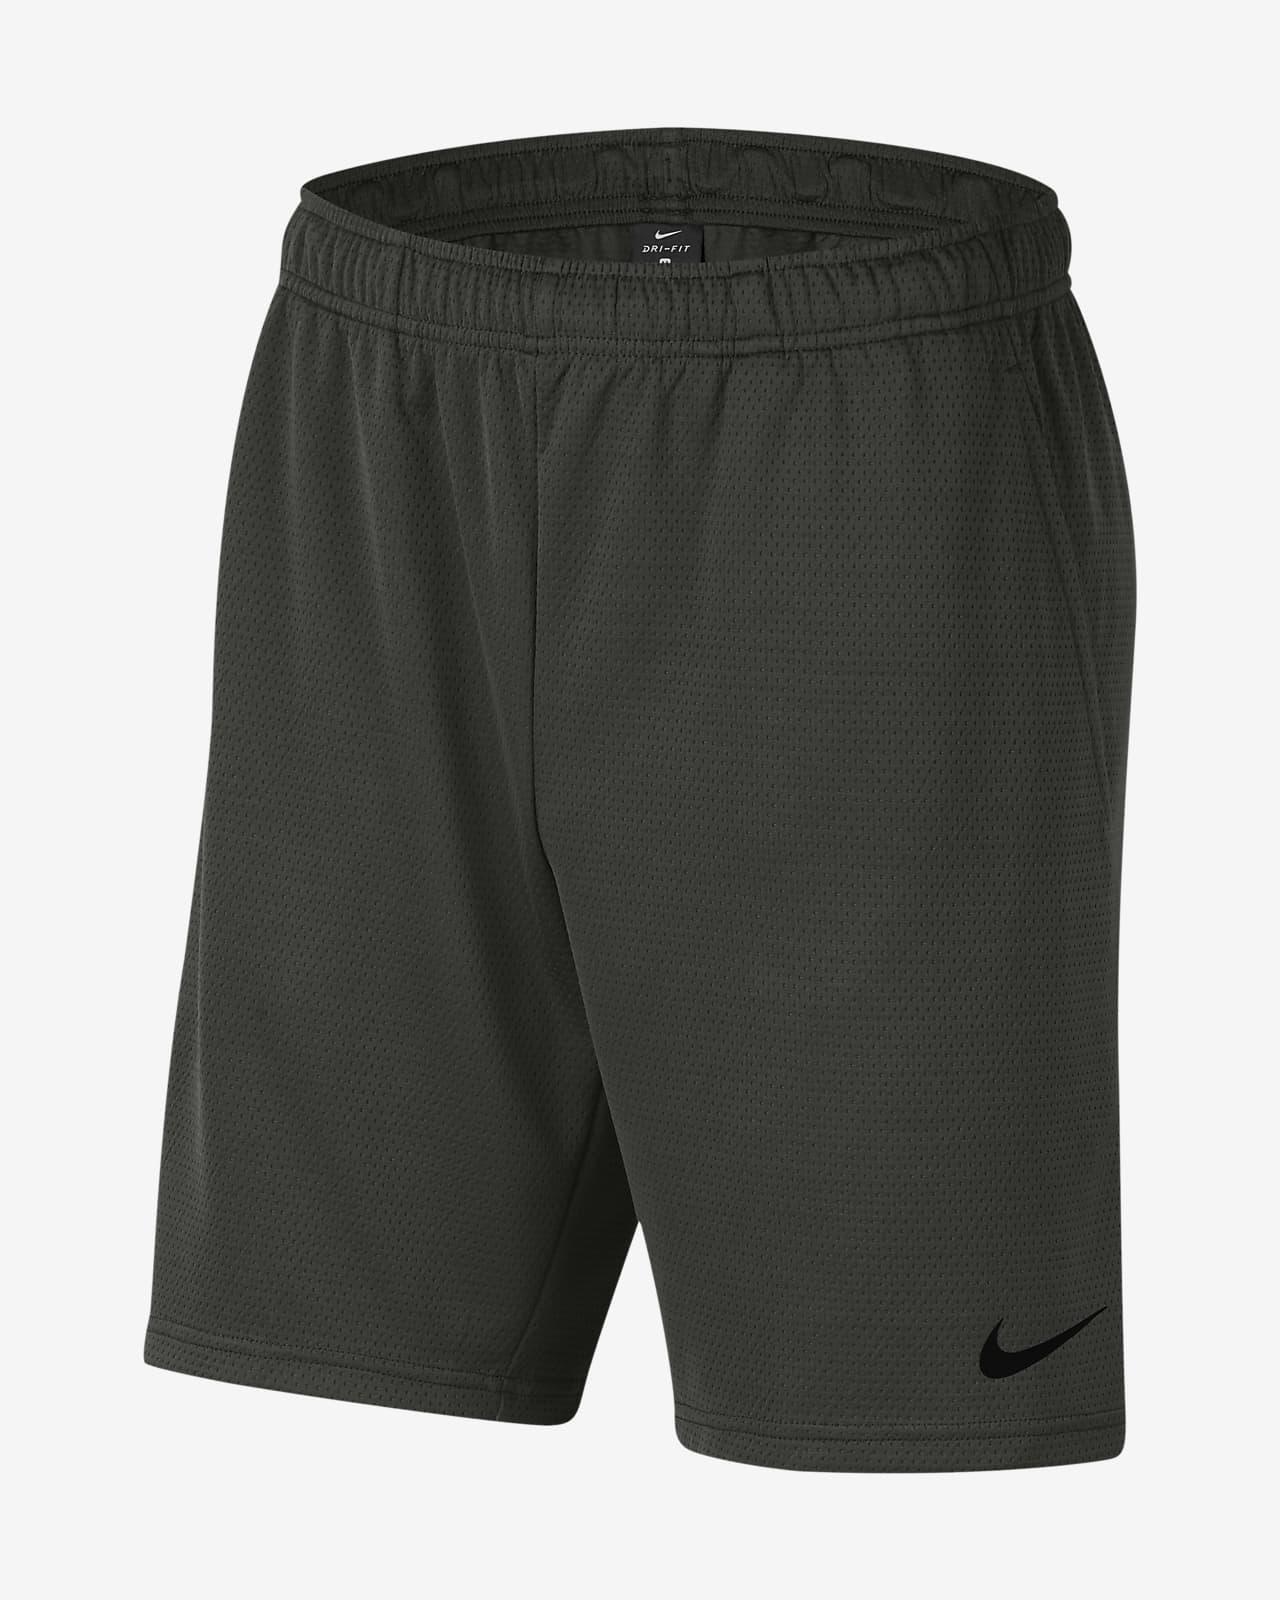 Nike 男款網布訓練短褲